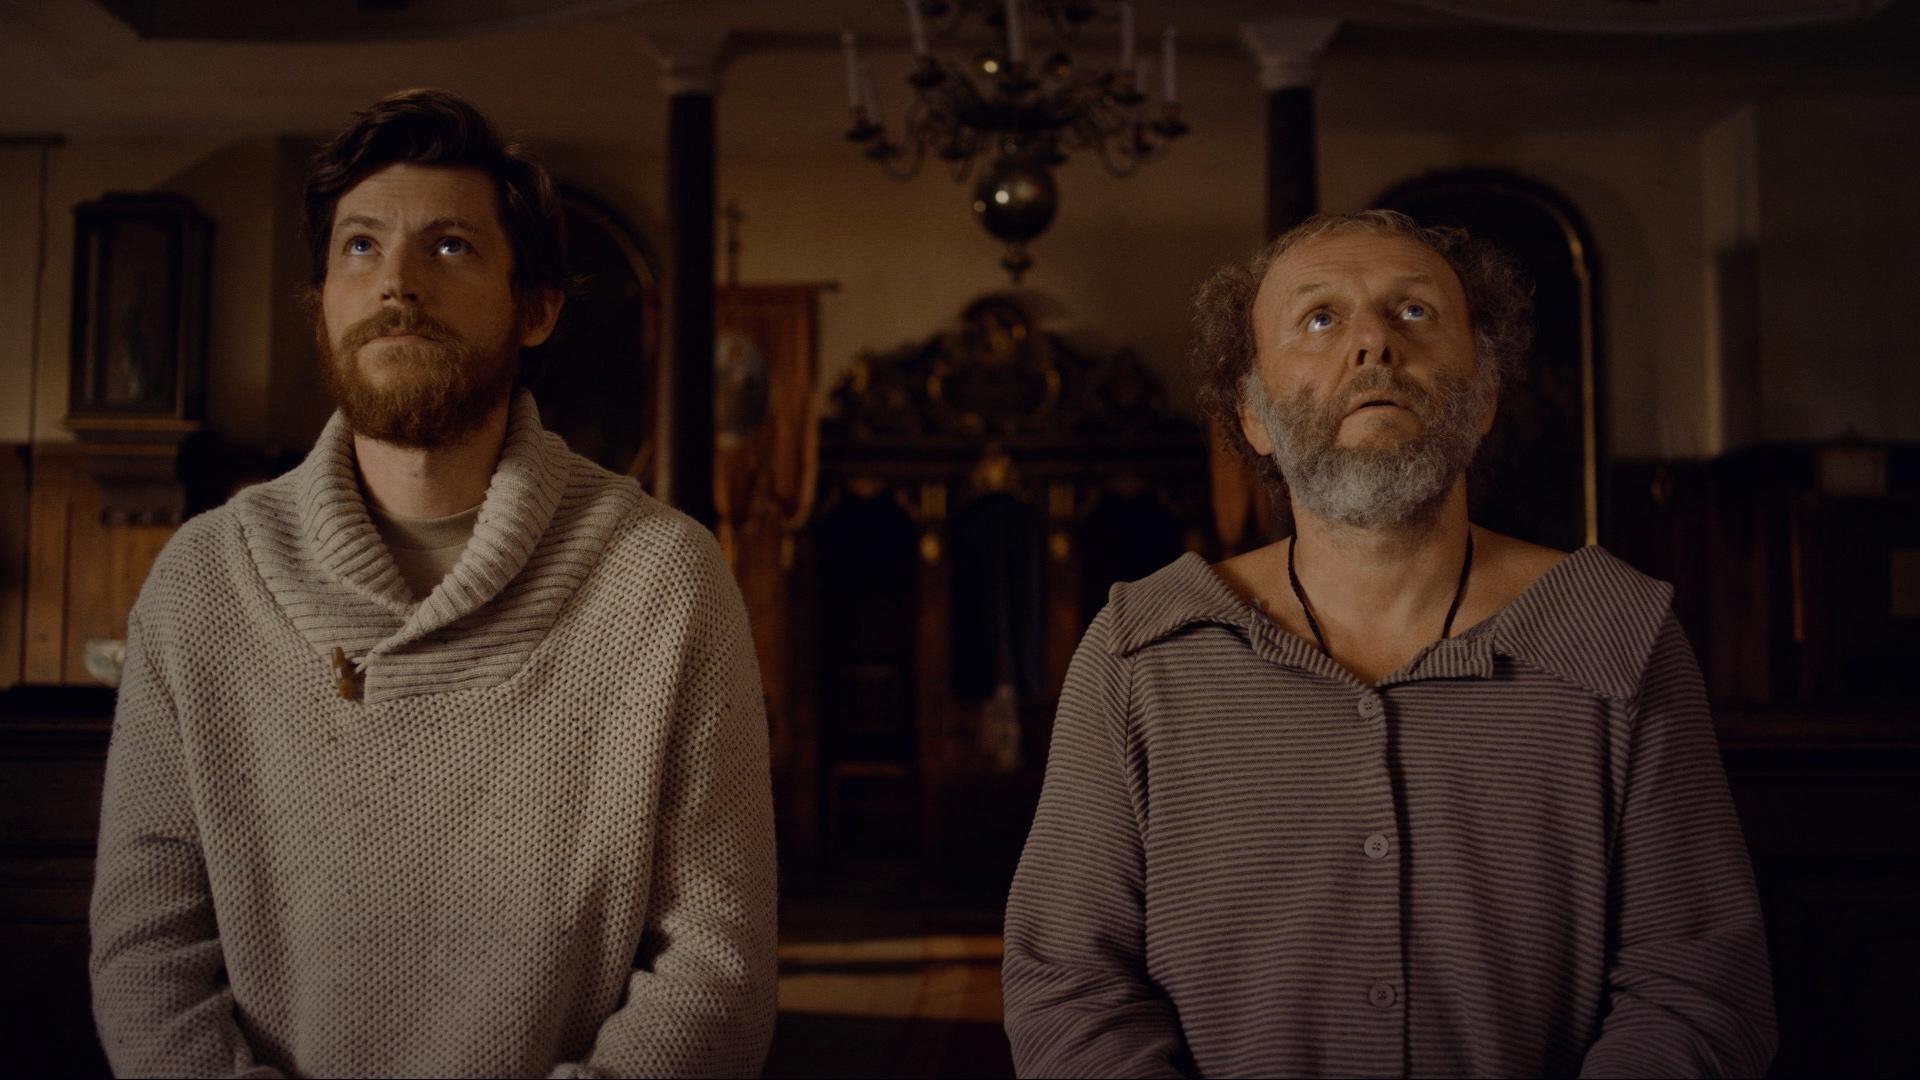 Je zobrazení homosexuality v seriálu ČT přelomové?